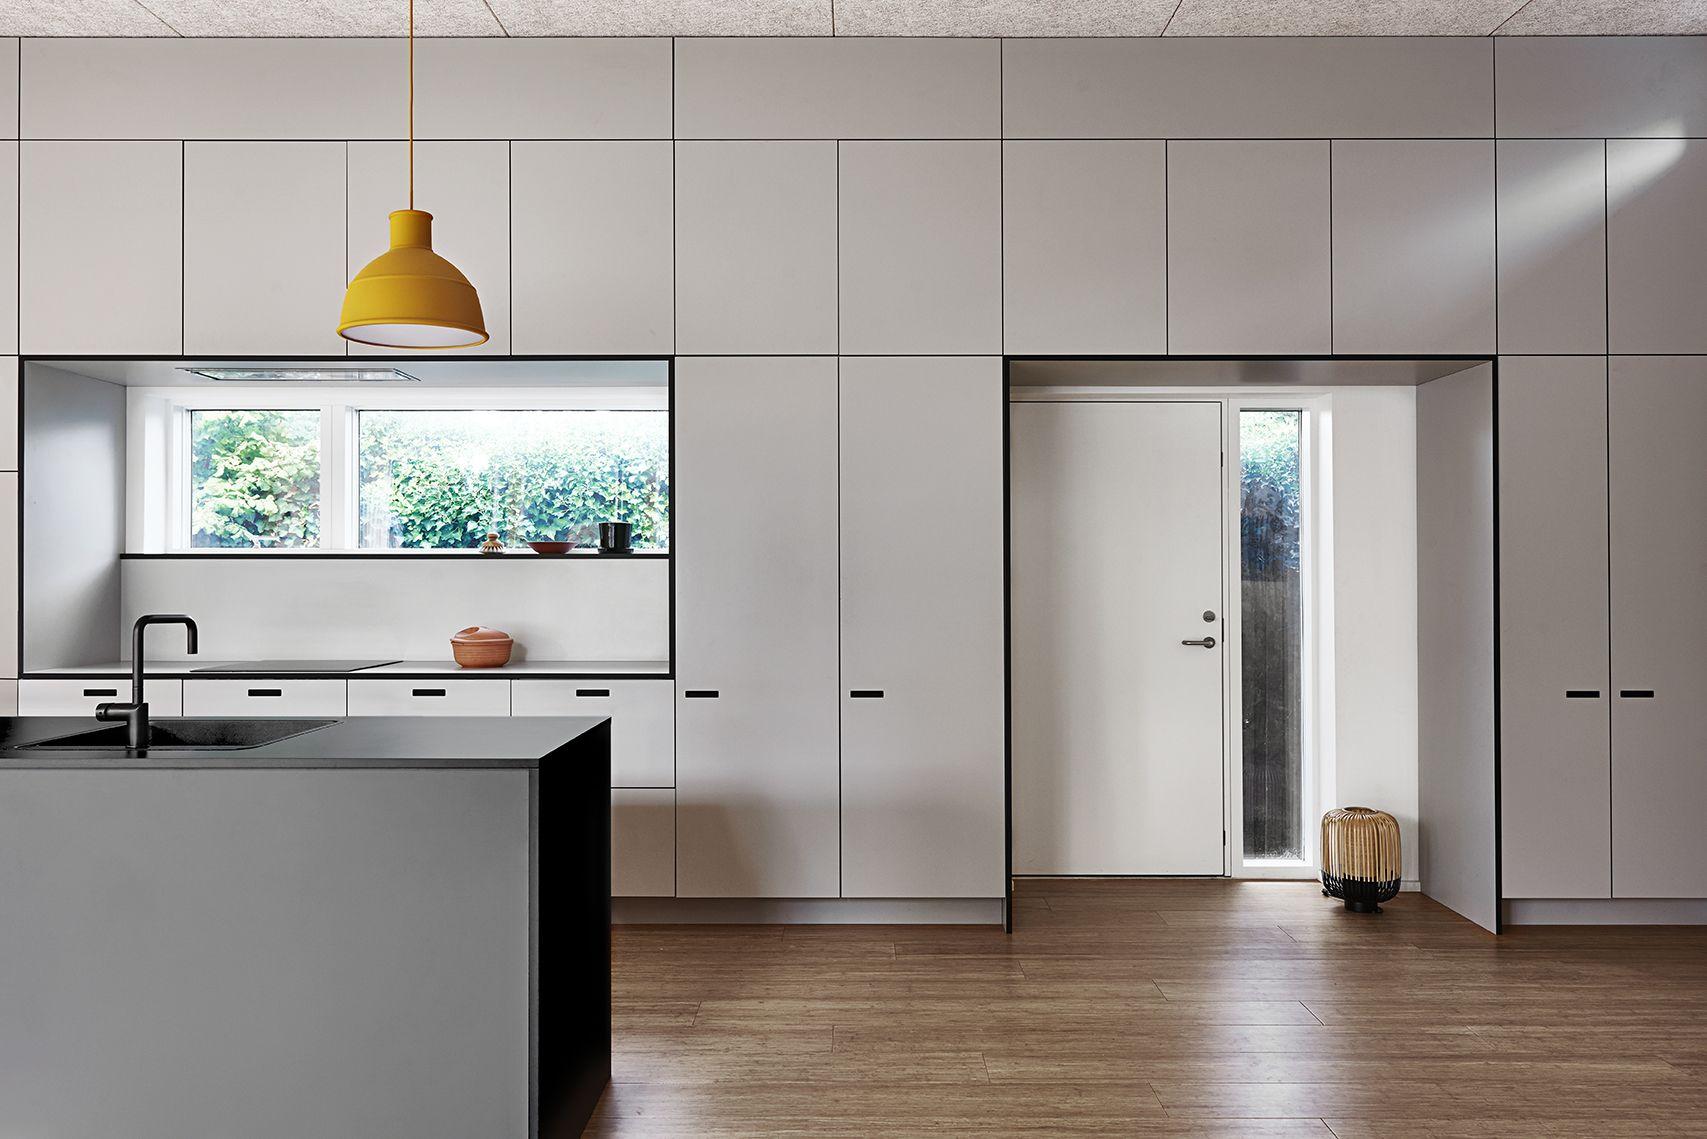 Full Size of Ikea Küchen Hacks Kitchen Using Shufl Fronts On Hack Laminate Sofa Mit Schlaffunktion Betten Bei Regal 160x200 Miniküche Küche Kosten Kaufen Modulküche Wohnzimmer Ikea Küchen Hacks